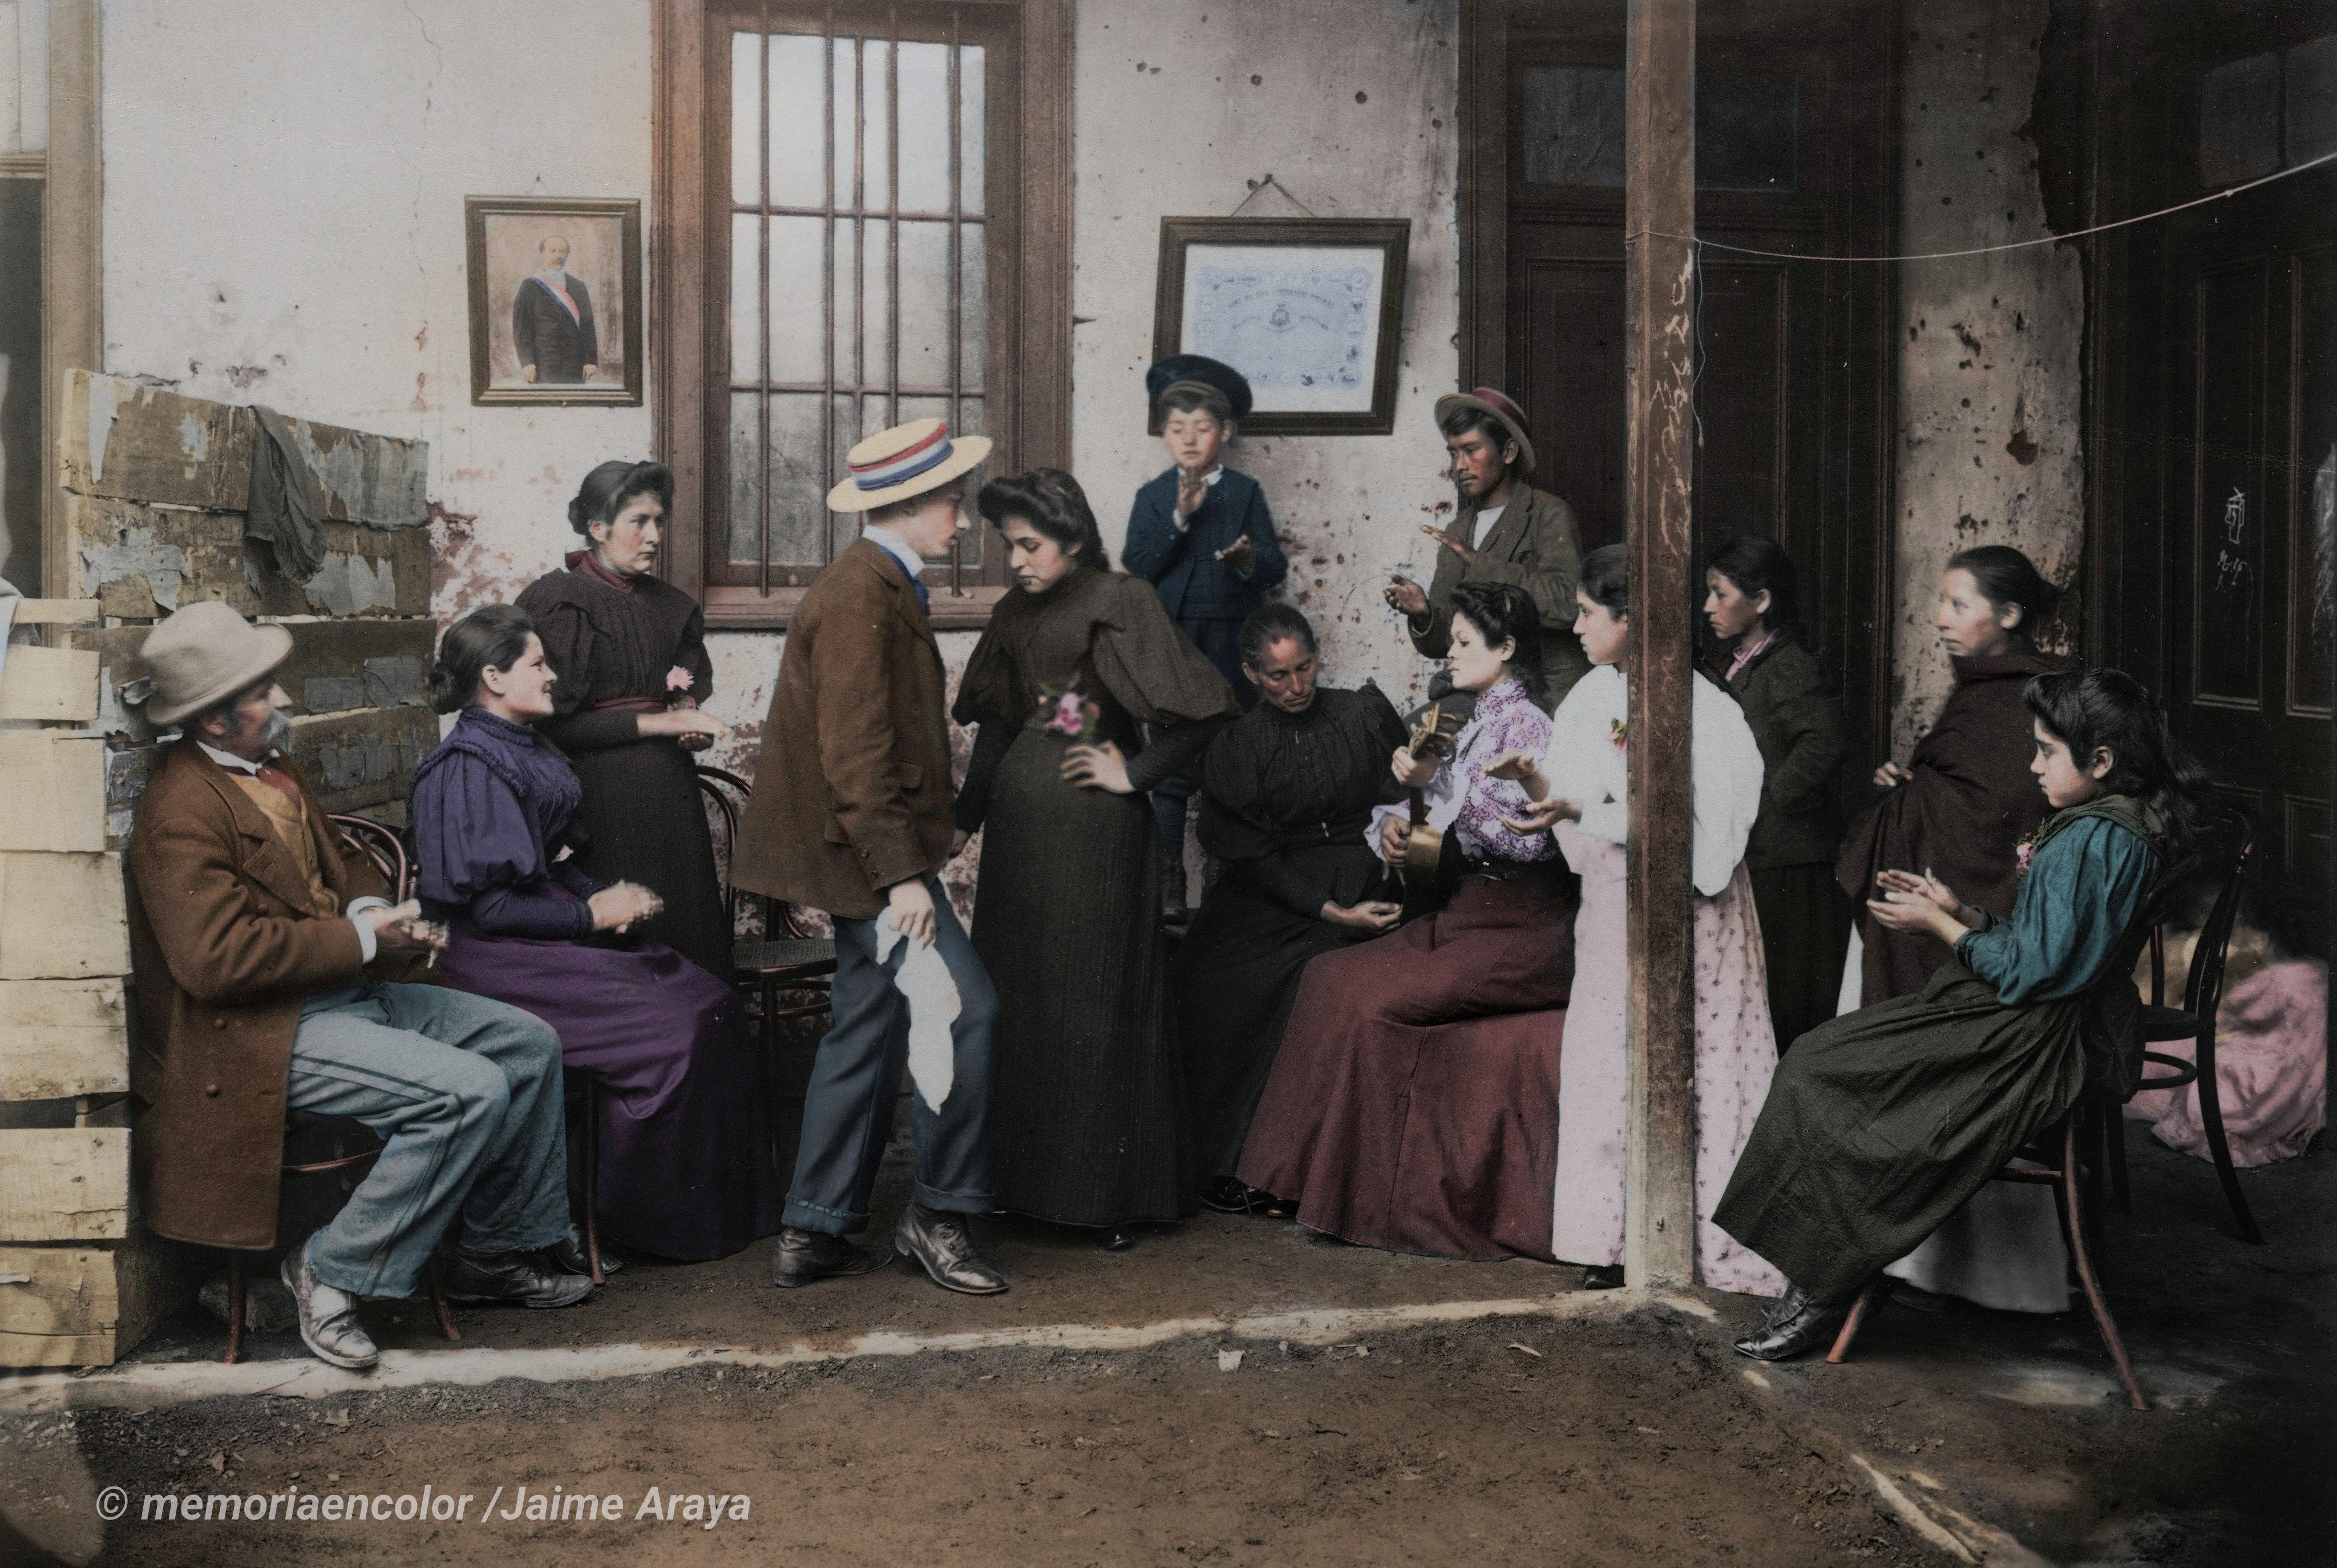 valpo cueca harry olds 1890-07-10-09-07-01